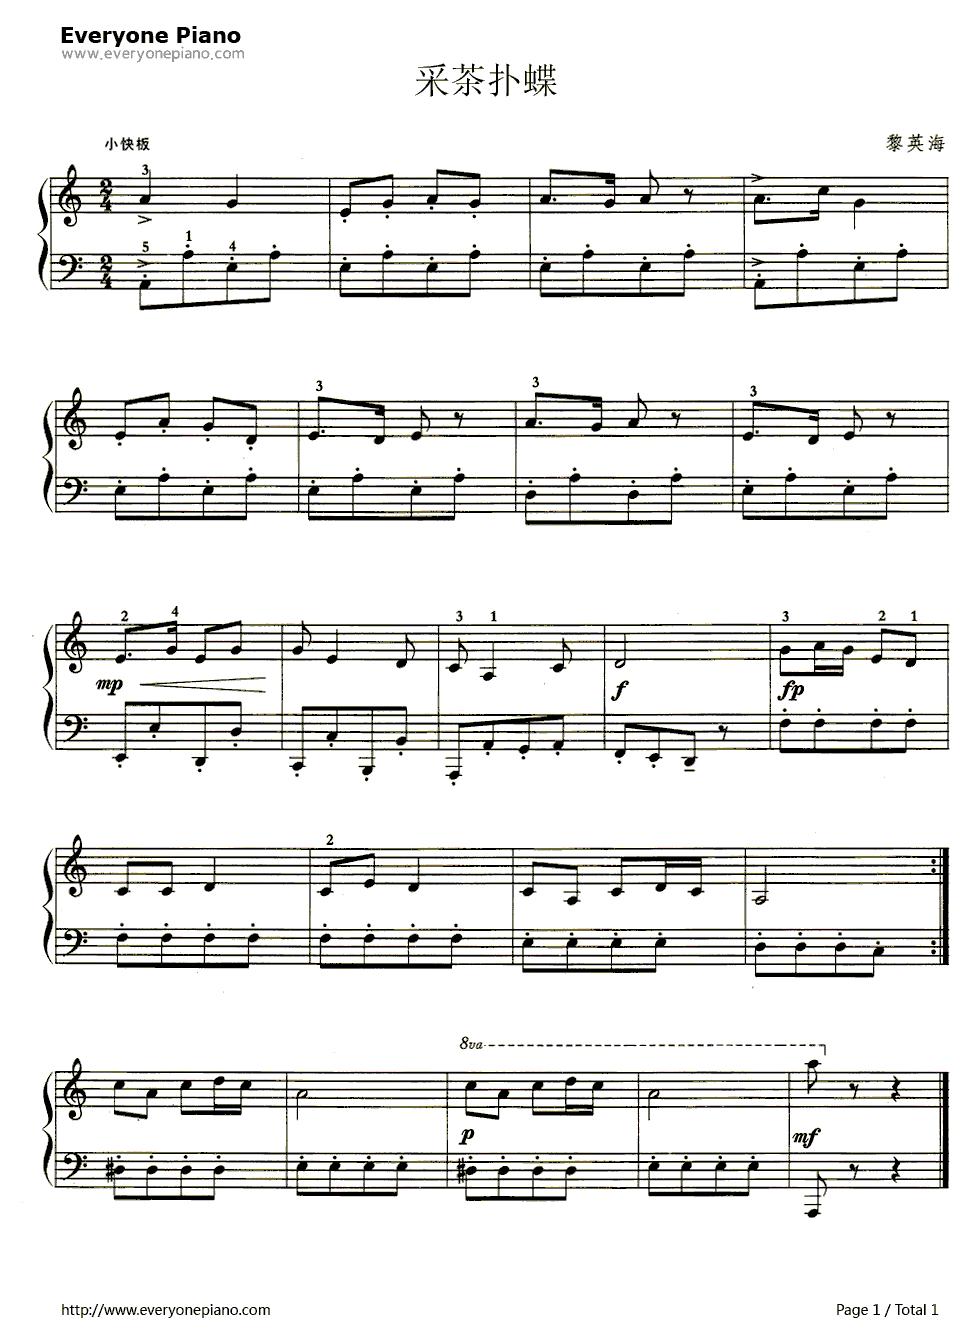 钢琴曲谱 民乐 采茶扑蝶 福建民间舞曲